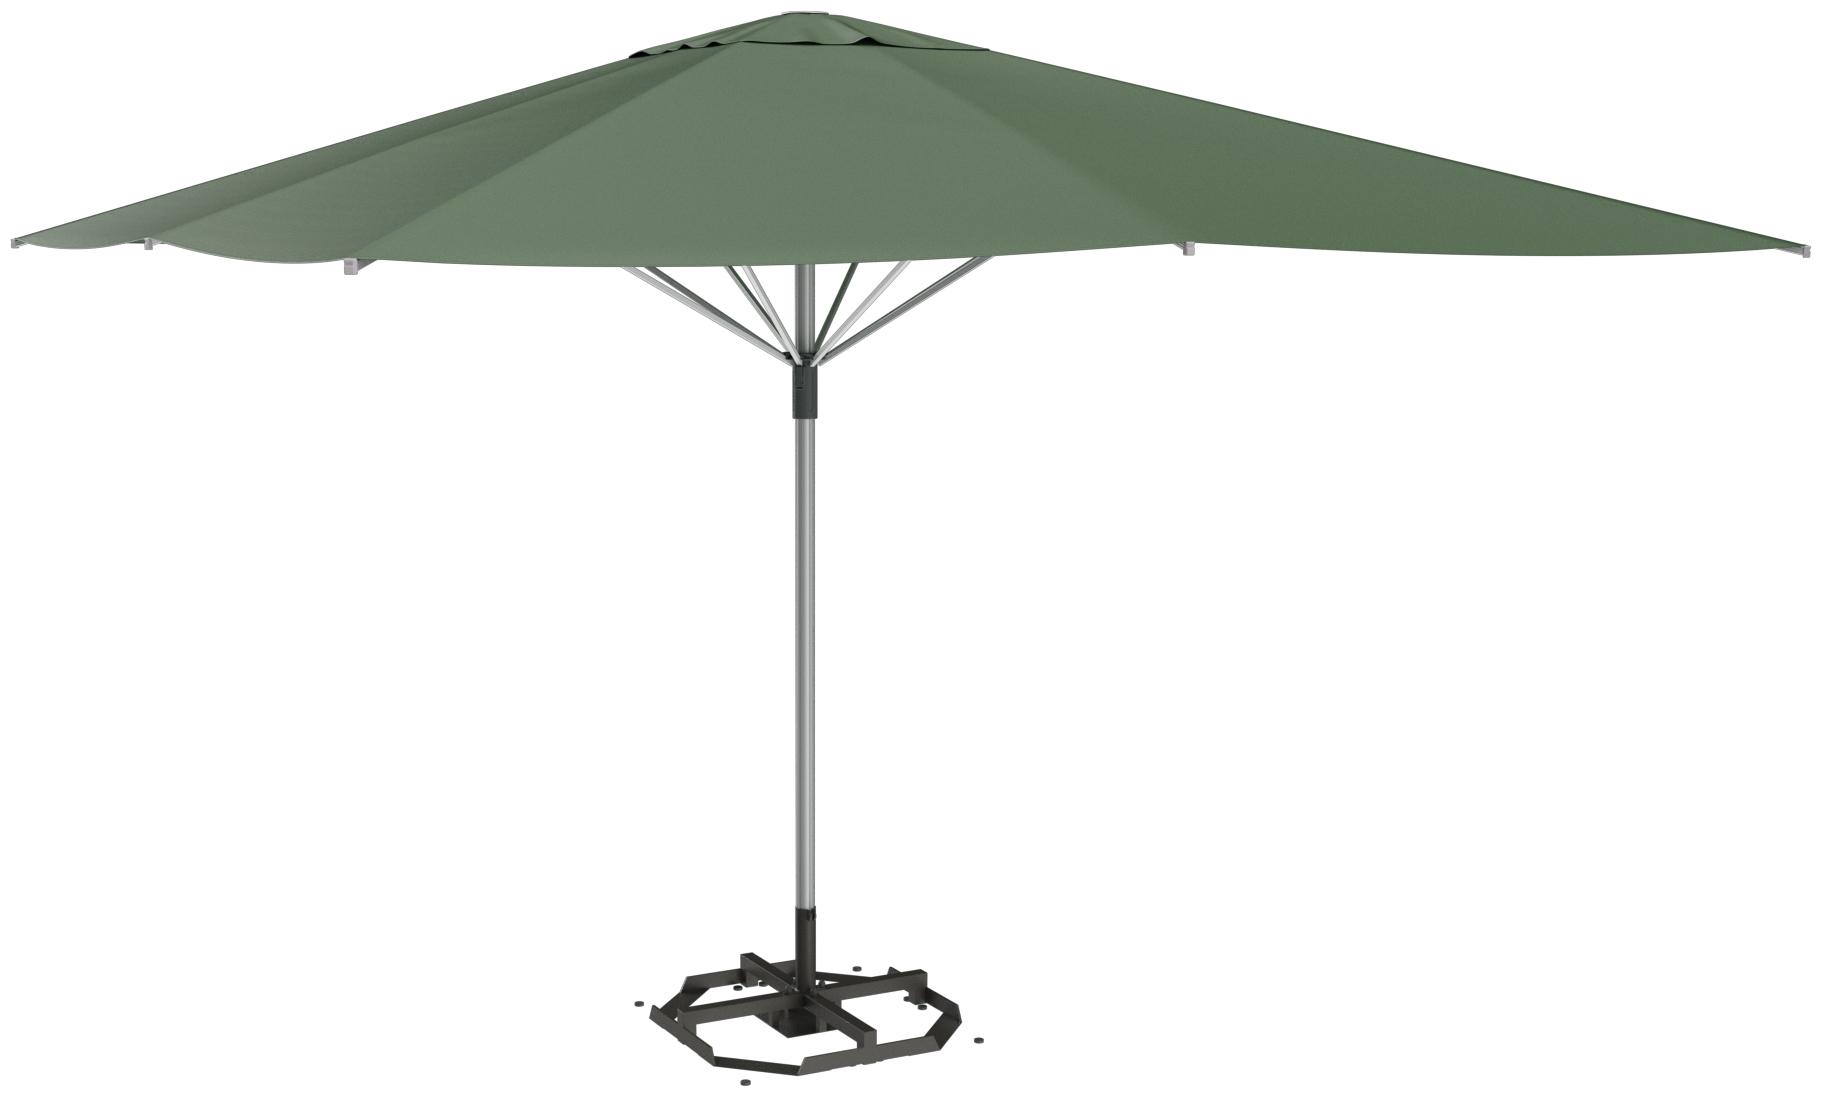 Abbildung Schirm Nerida Schrägansicht